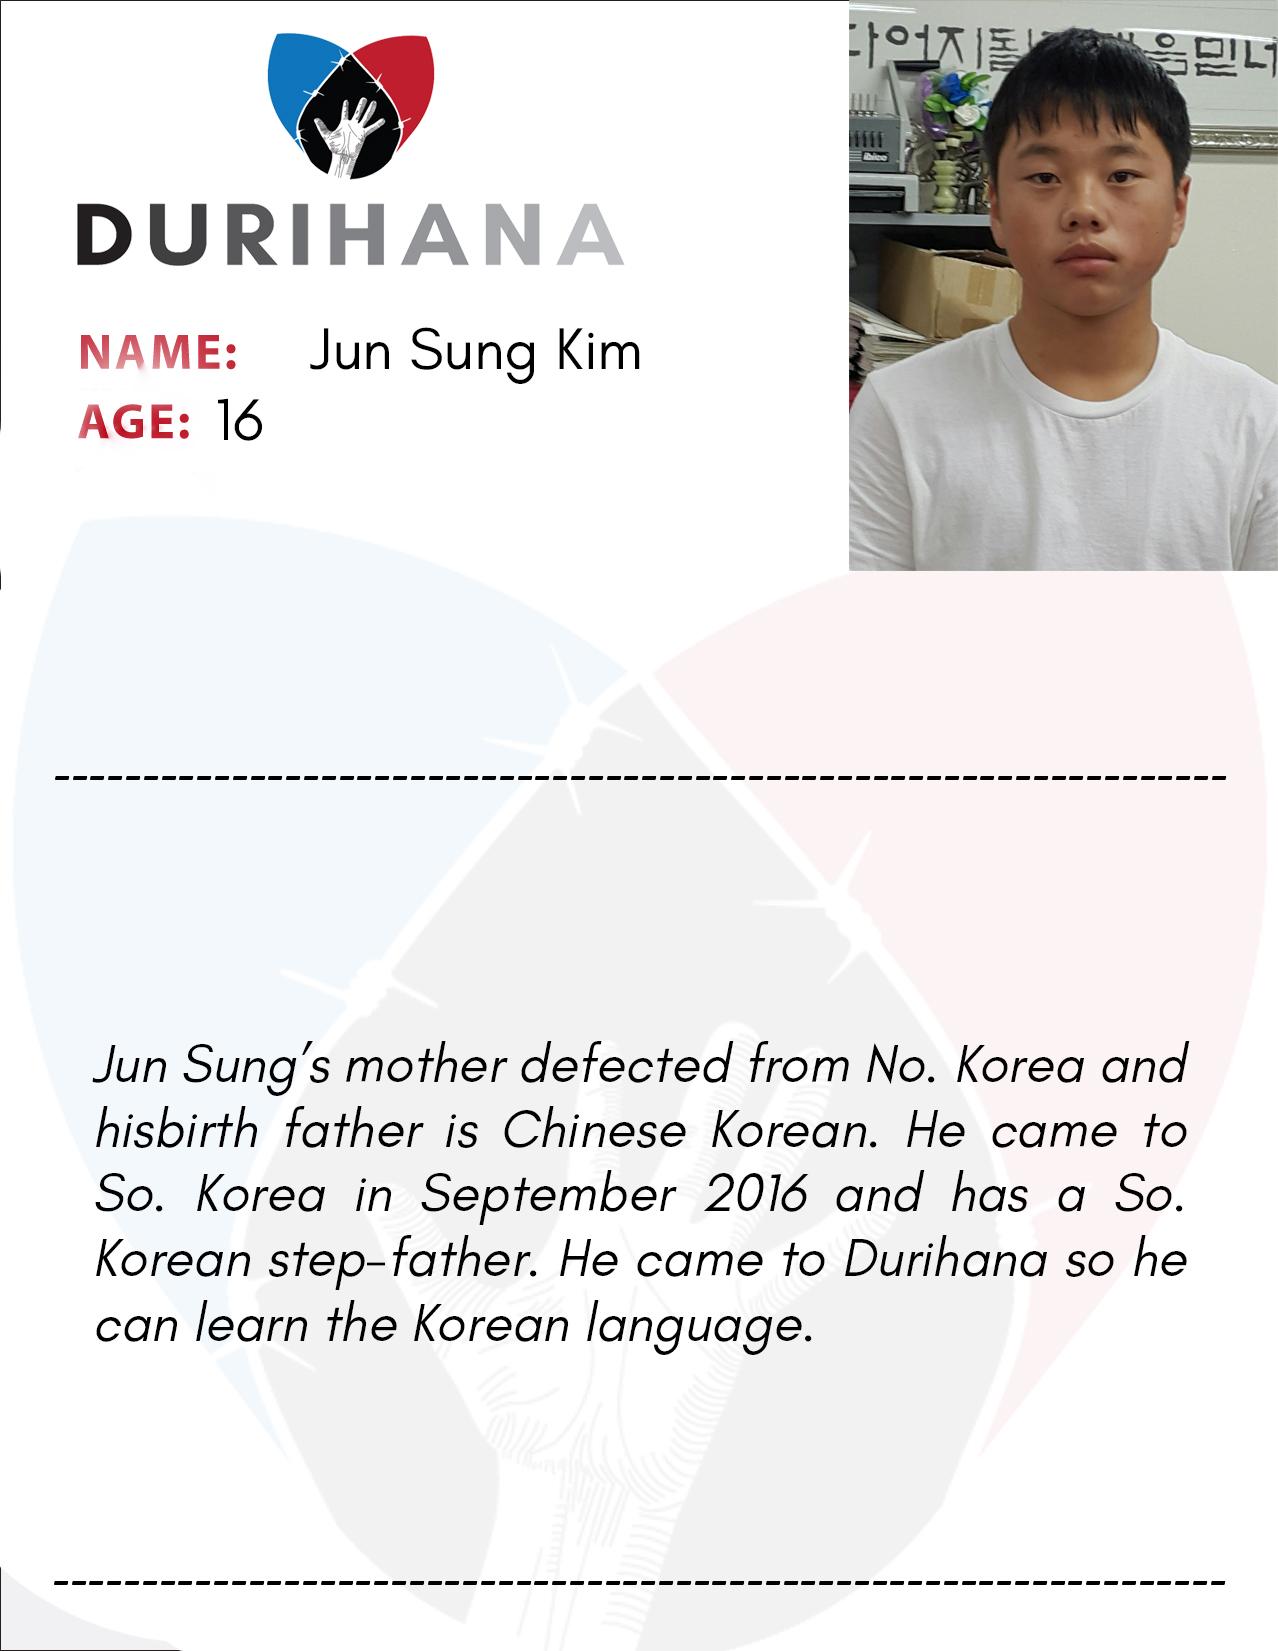 Jun Sung Kim